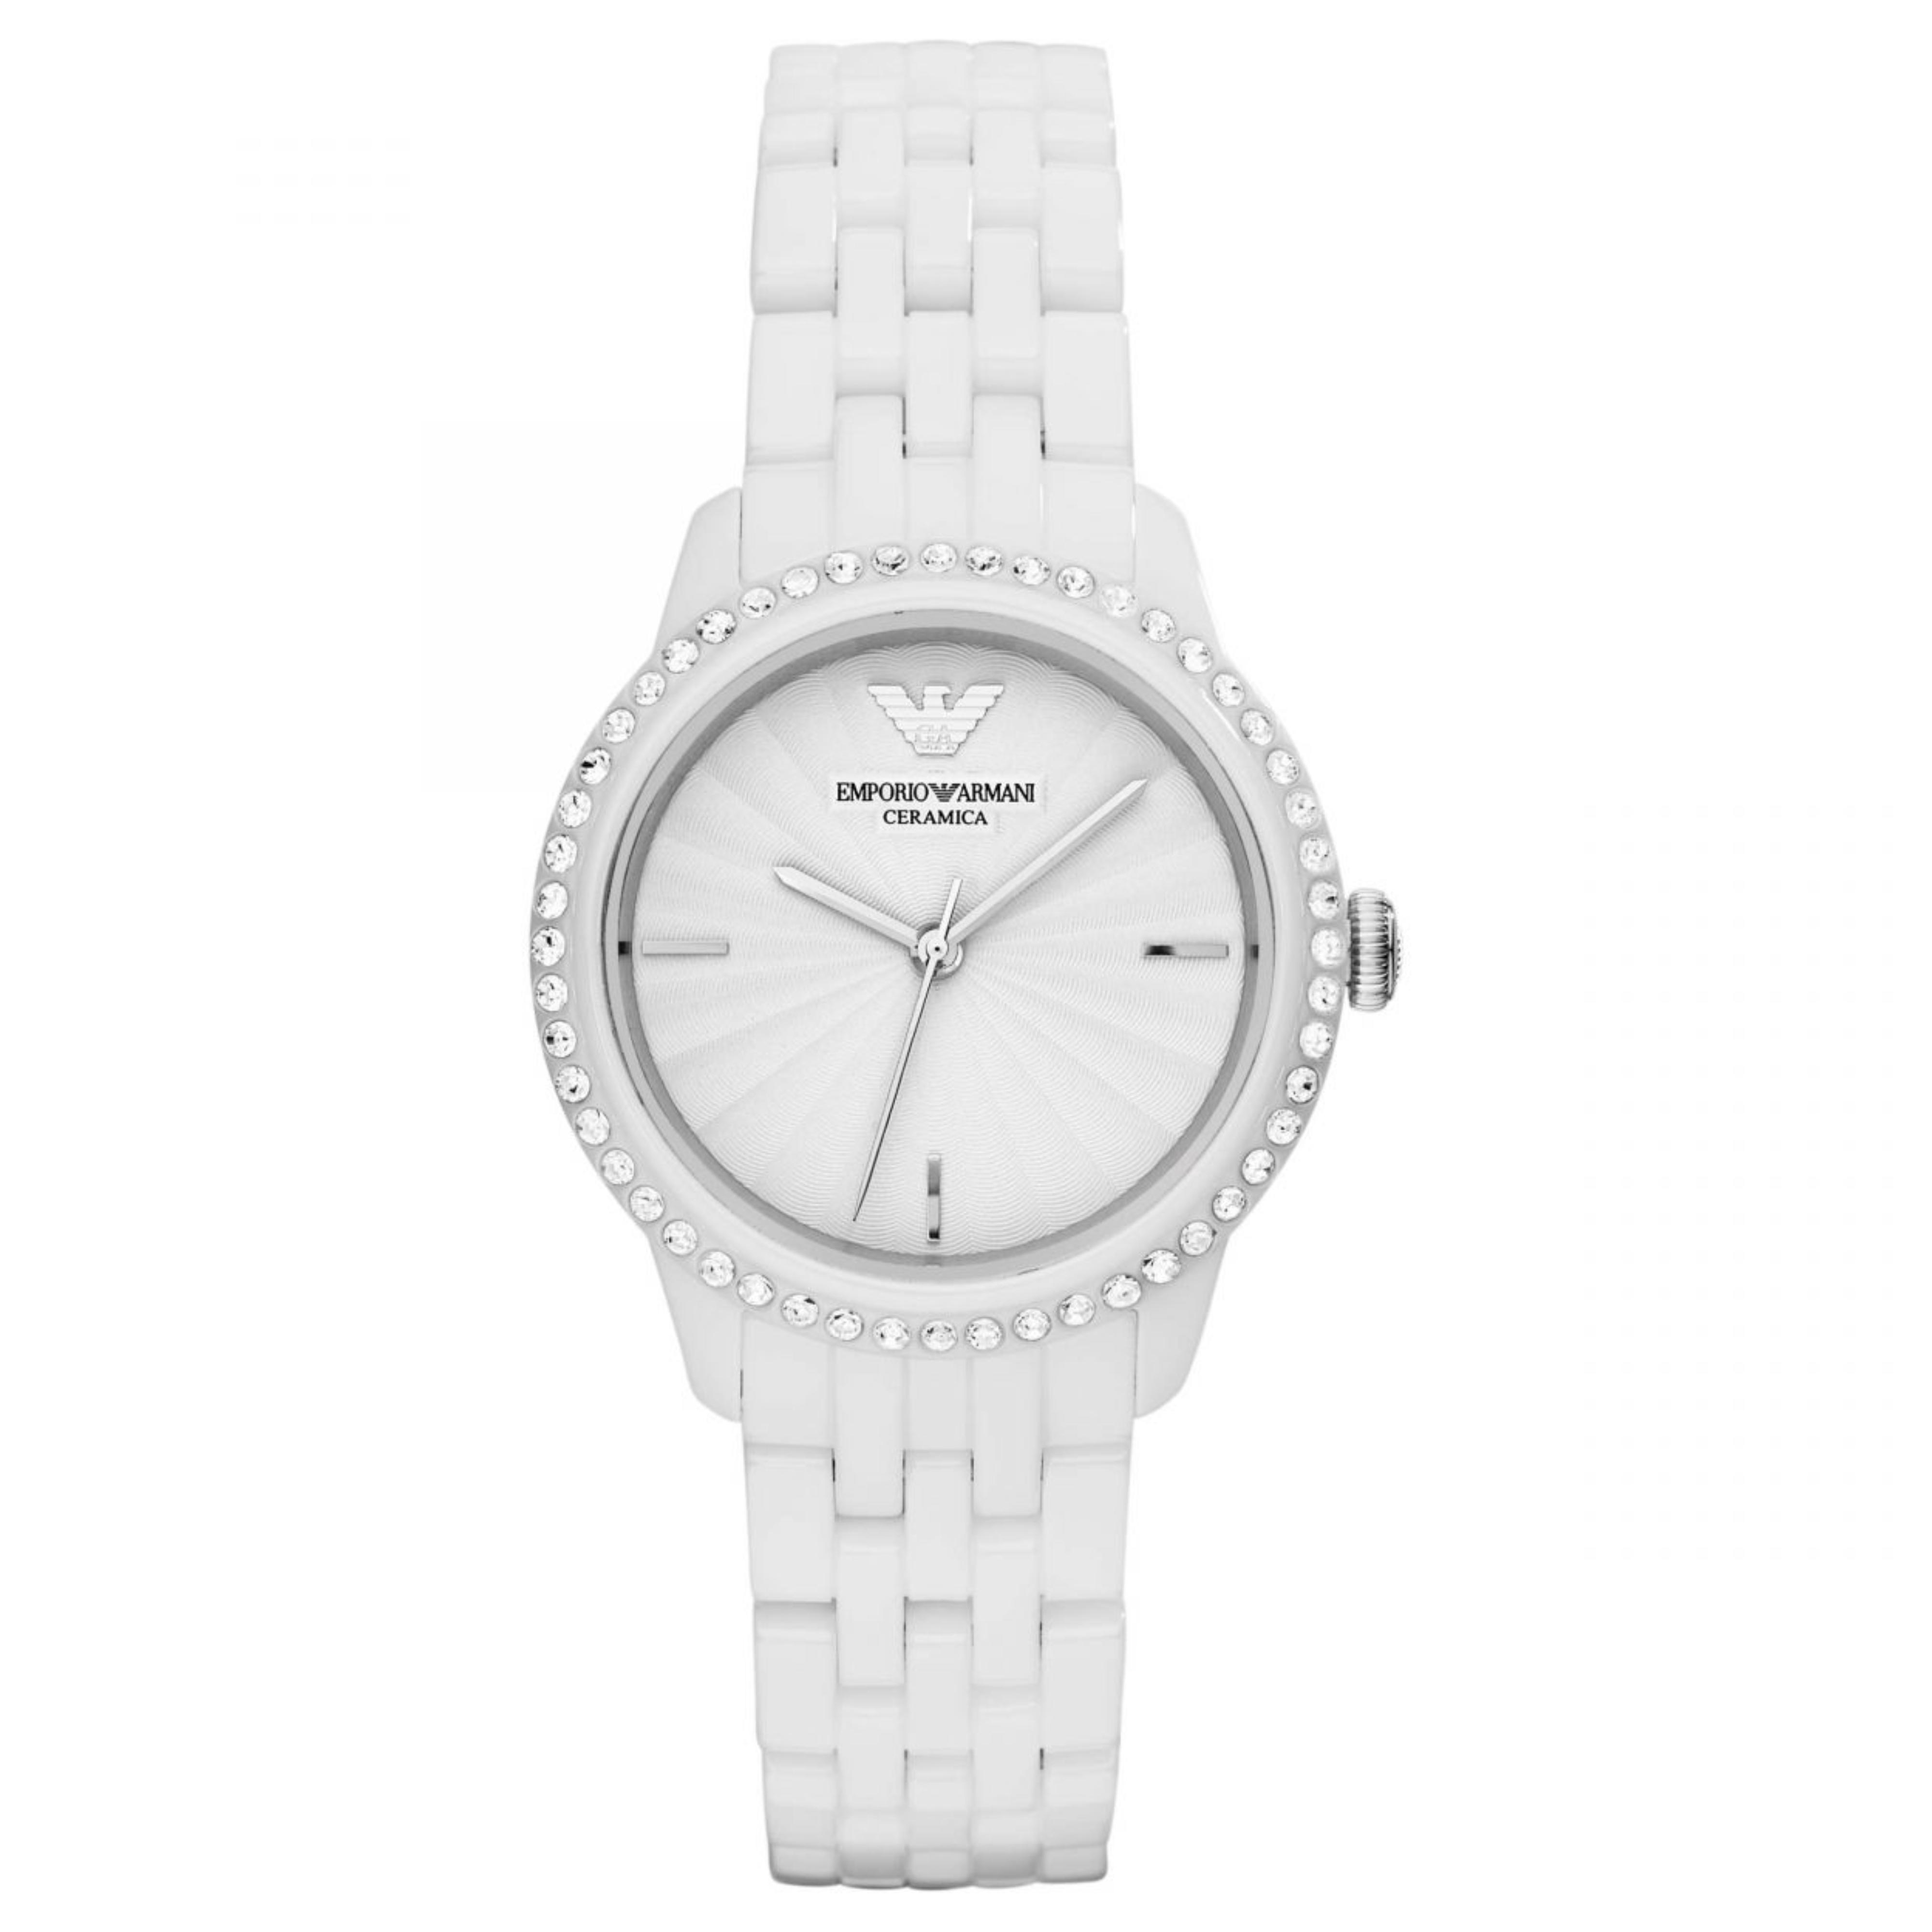 Emporio Armani Ladies' Watch|White Round Dial|White Ceramic Bracelet Band|AR1477